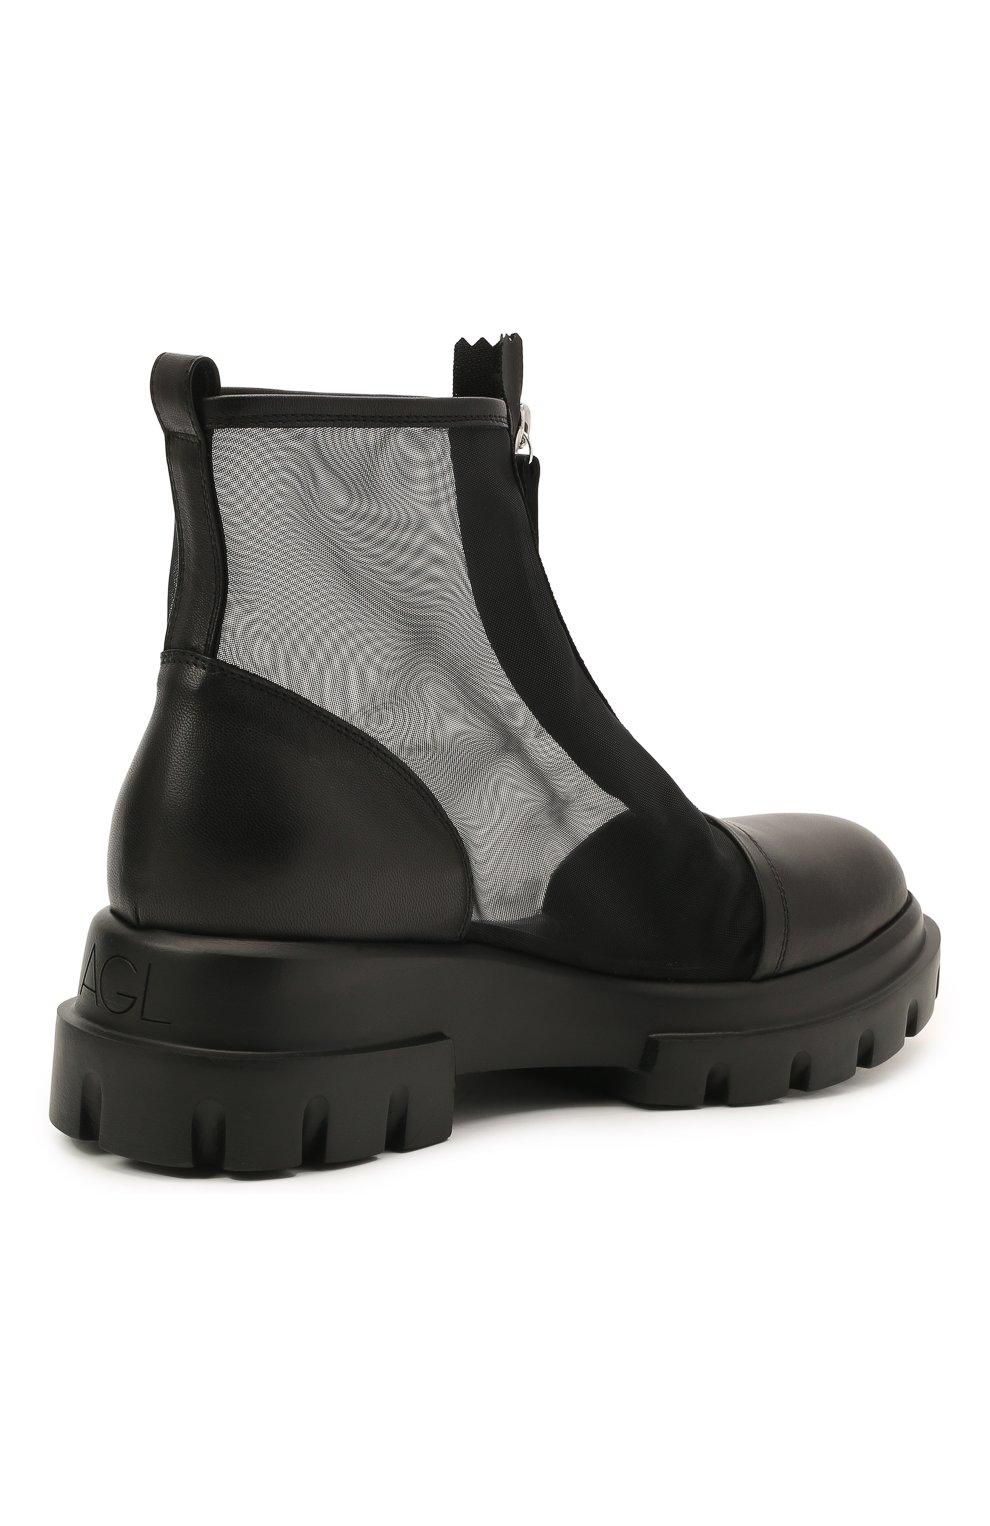 Женские комбинированные ботинки AGL черного цвета, арт. D756559PGKD0411049 | Фото 4 (Материал внешний: Текстиль; Подошва: Платформа; Каблук высота: Низкий; Материал внутренний: Натуральная кожа; Женское Кросс-КТ: Байкеры-ботинки)